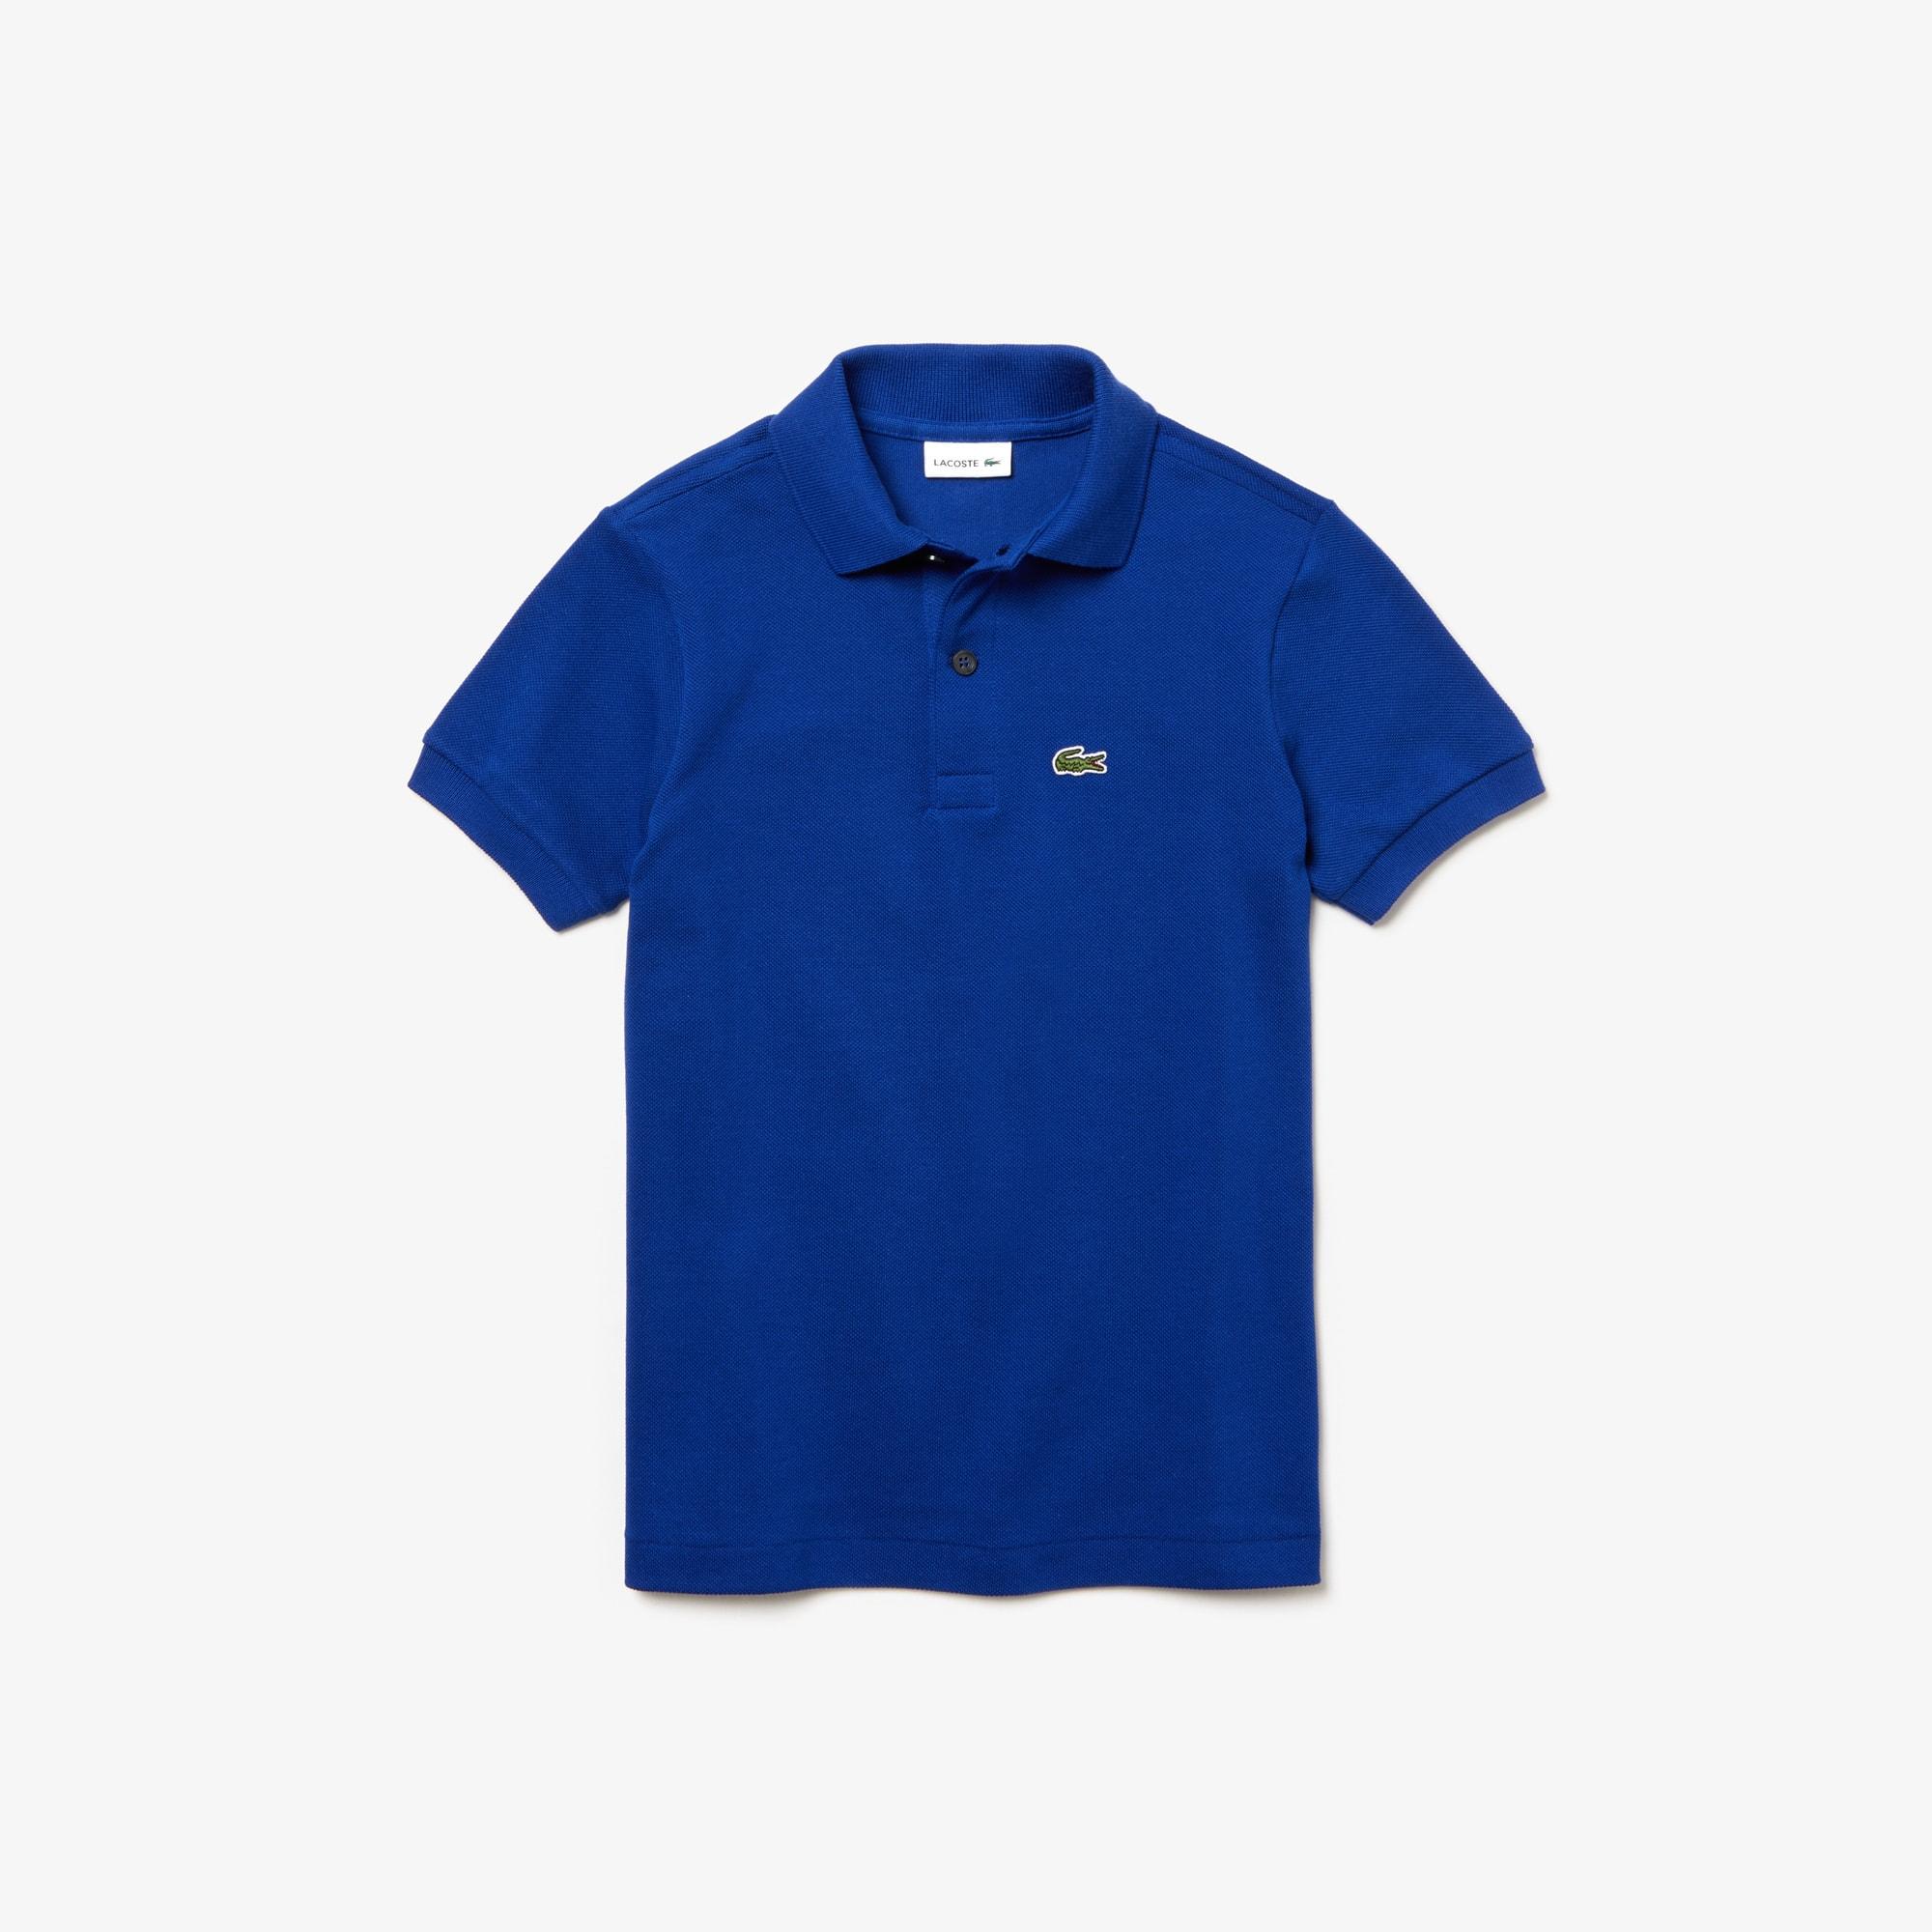 634f51469 قميص بولو من بيتي بيكي من Lacoste | LACOSTE